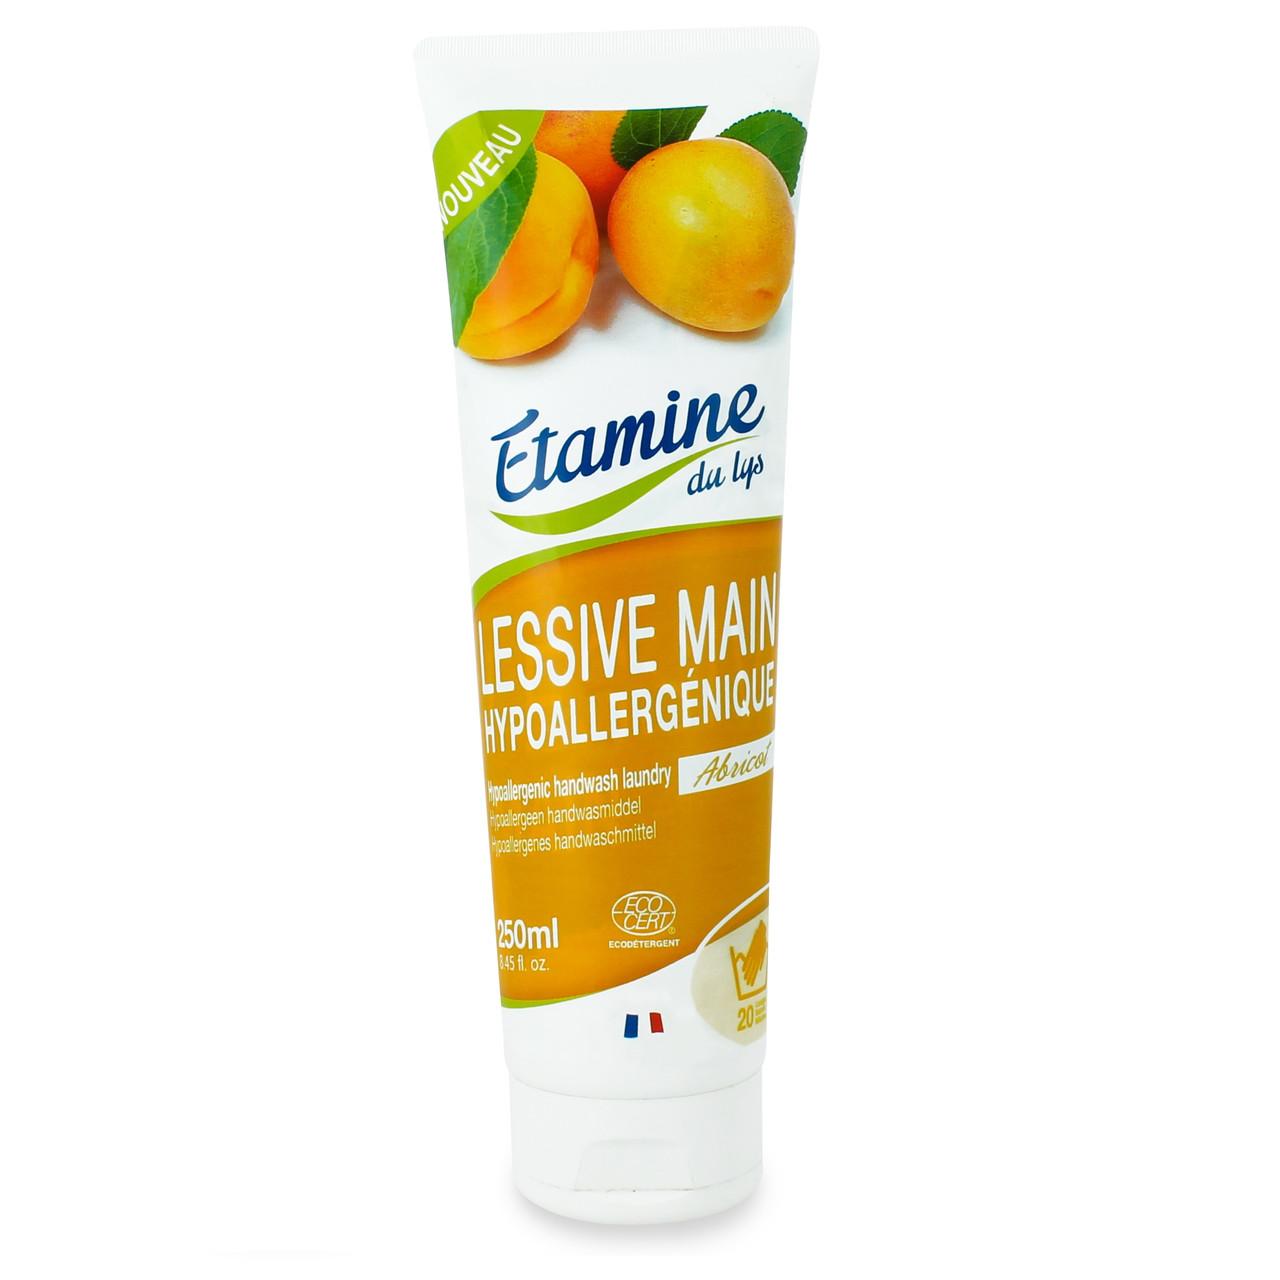 Гипоалергенный жидкий порошок для ручной стирки органический Etamine du lys,250 мл